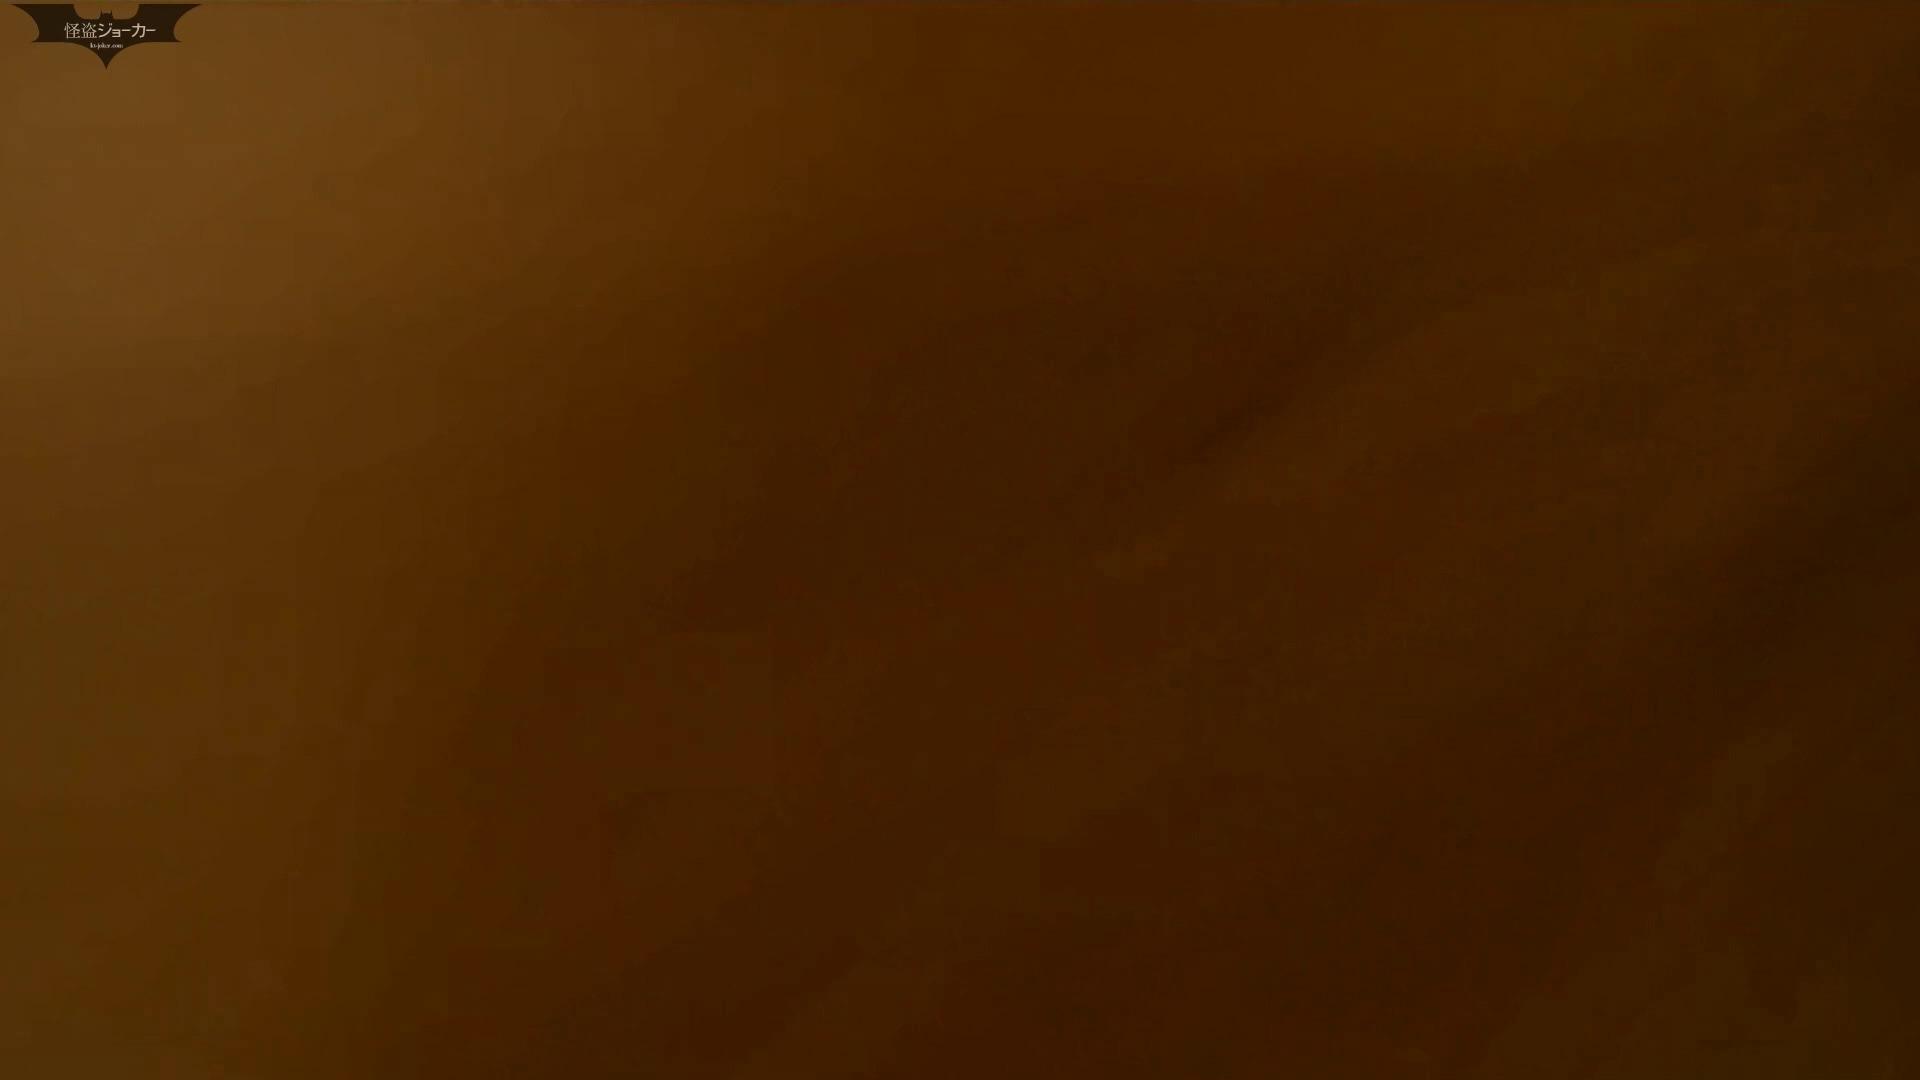 阿国ちゃんの和式洋式七変化 Vol.25 ん?突起物が・・・。 洗面所 | 和式でハメ撮り  55pic 4